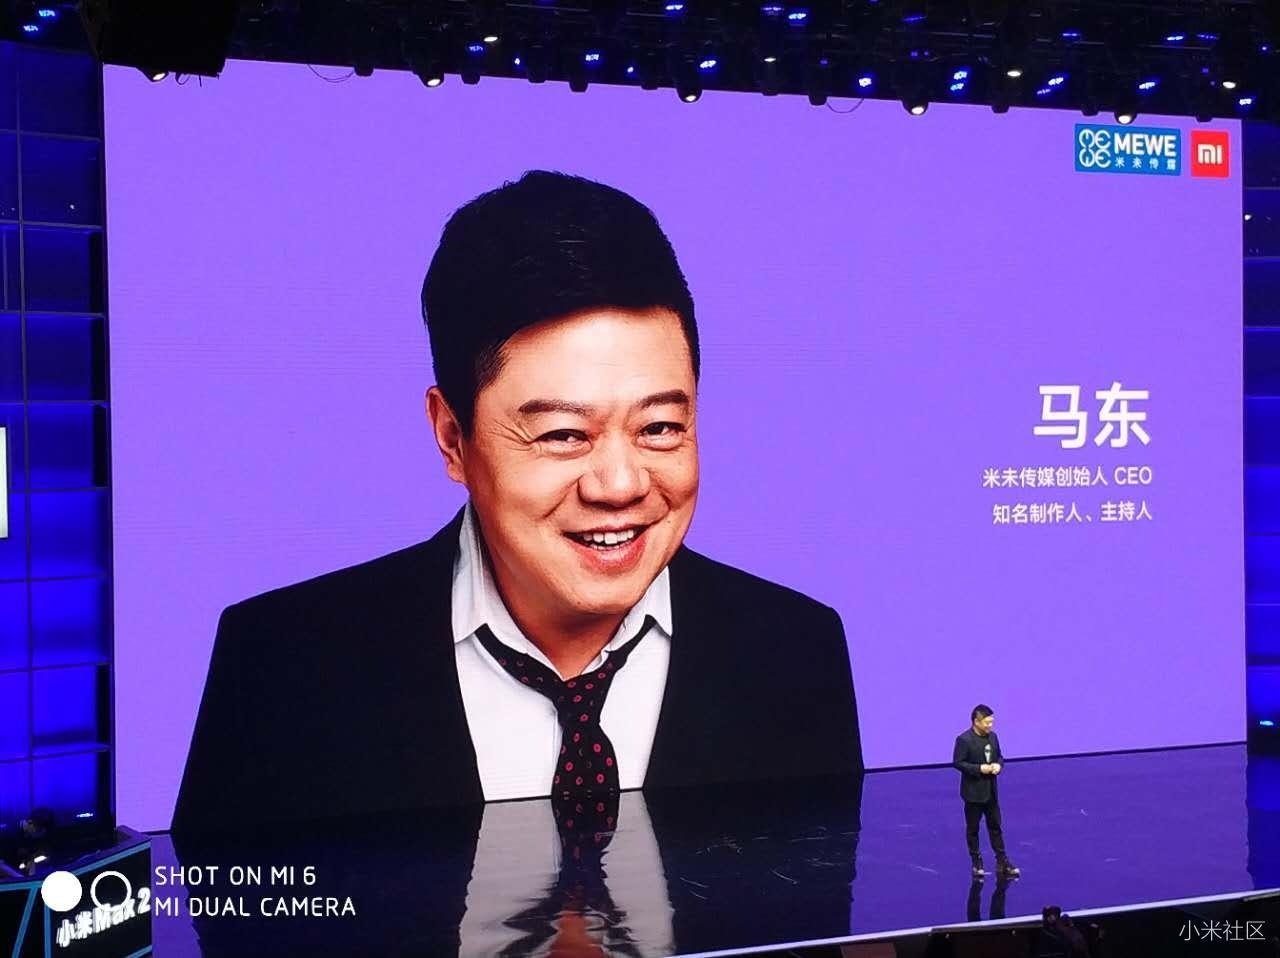 得到罗振宇_得到app 创始人 罗振宇上场.